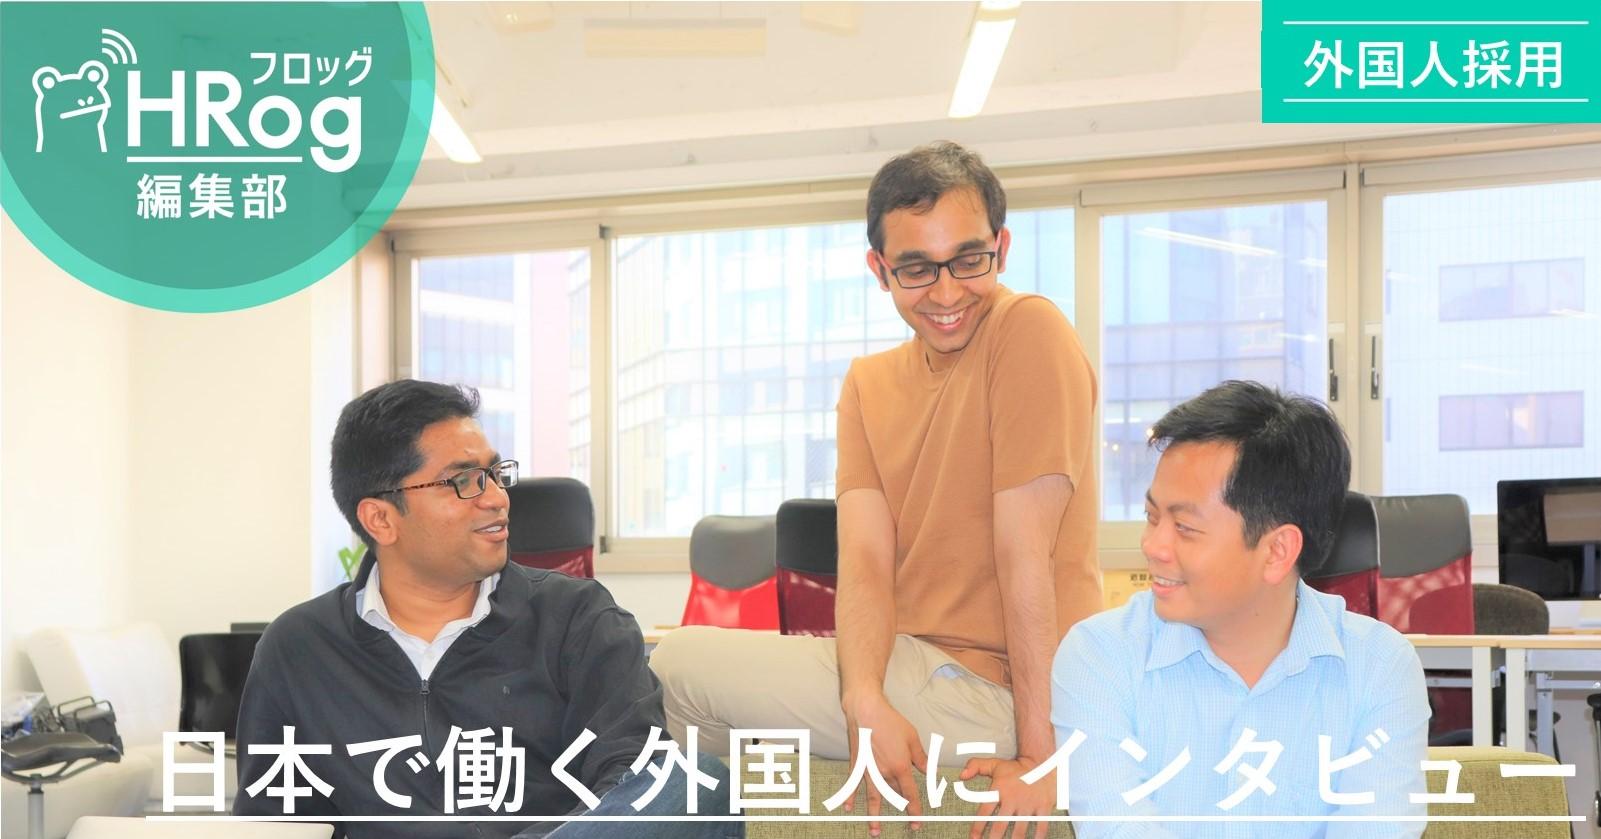 「日本の当たり前は当たり前じゃない?」外国人がおもてなしの国・日本で初めて働くときに抱える心理的な障壁とは?